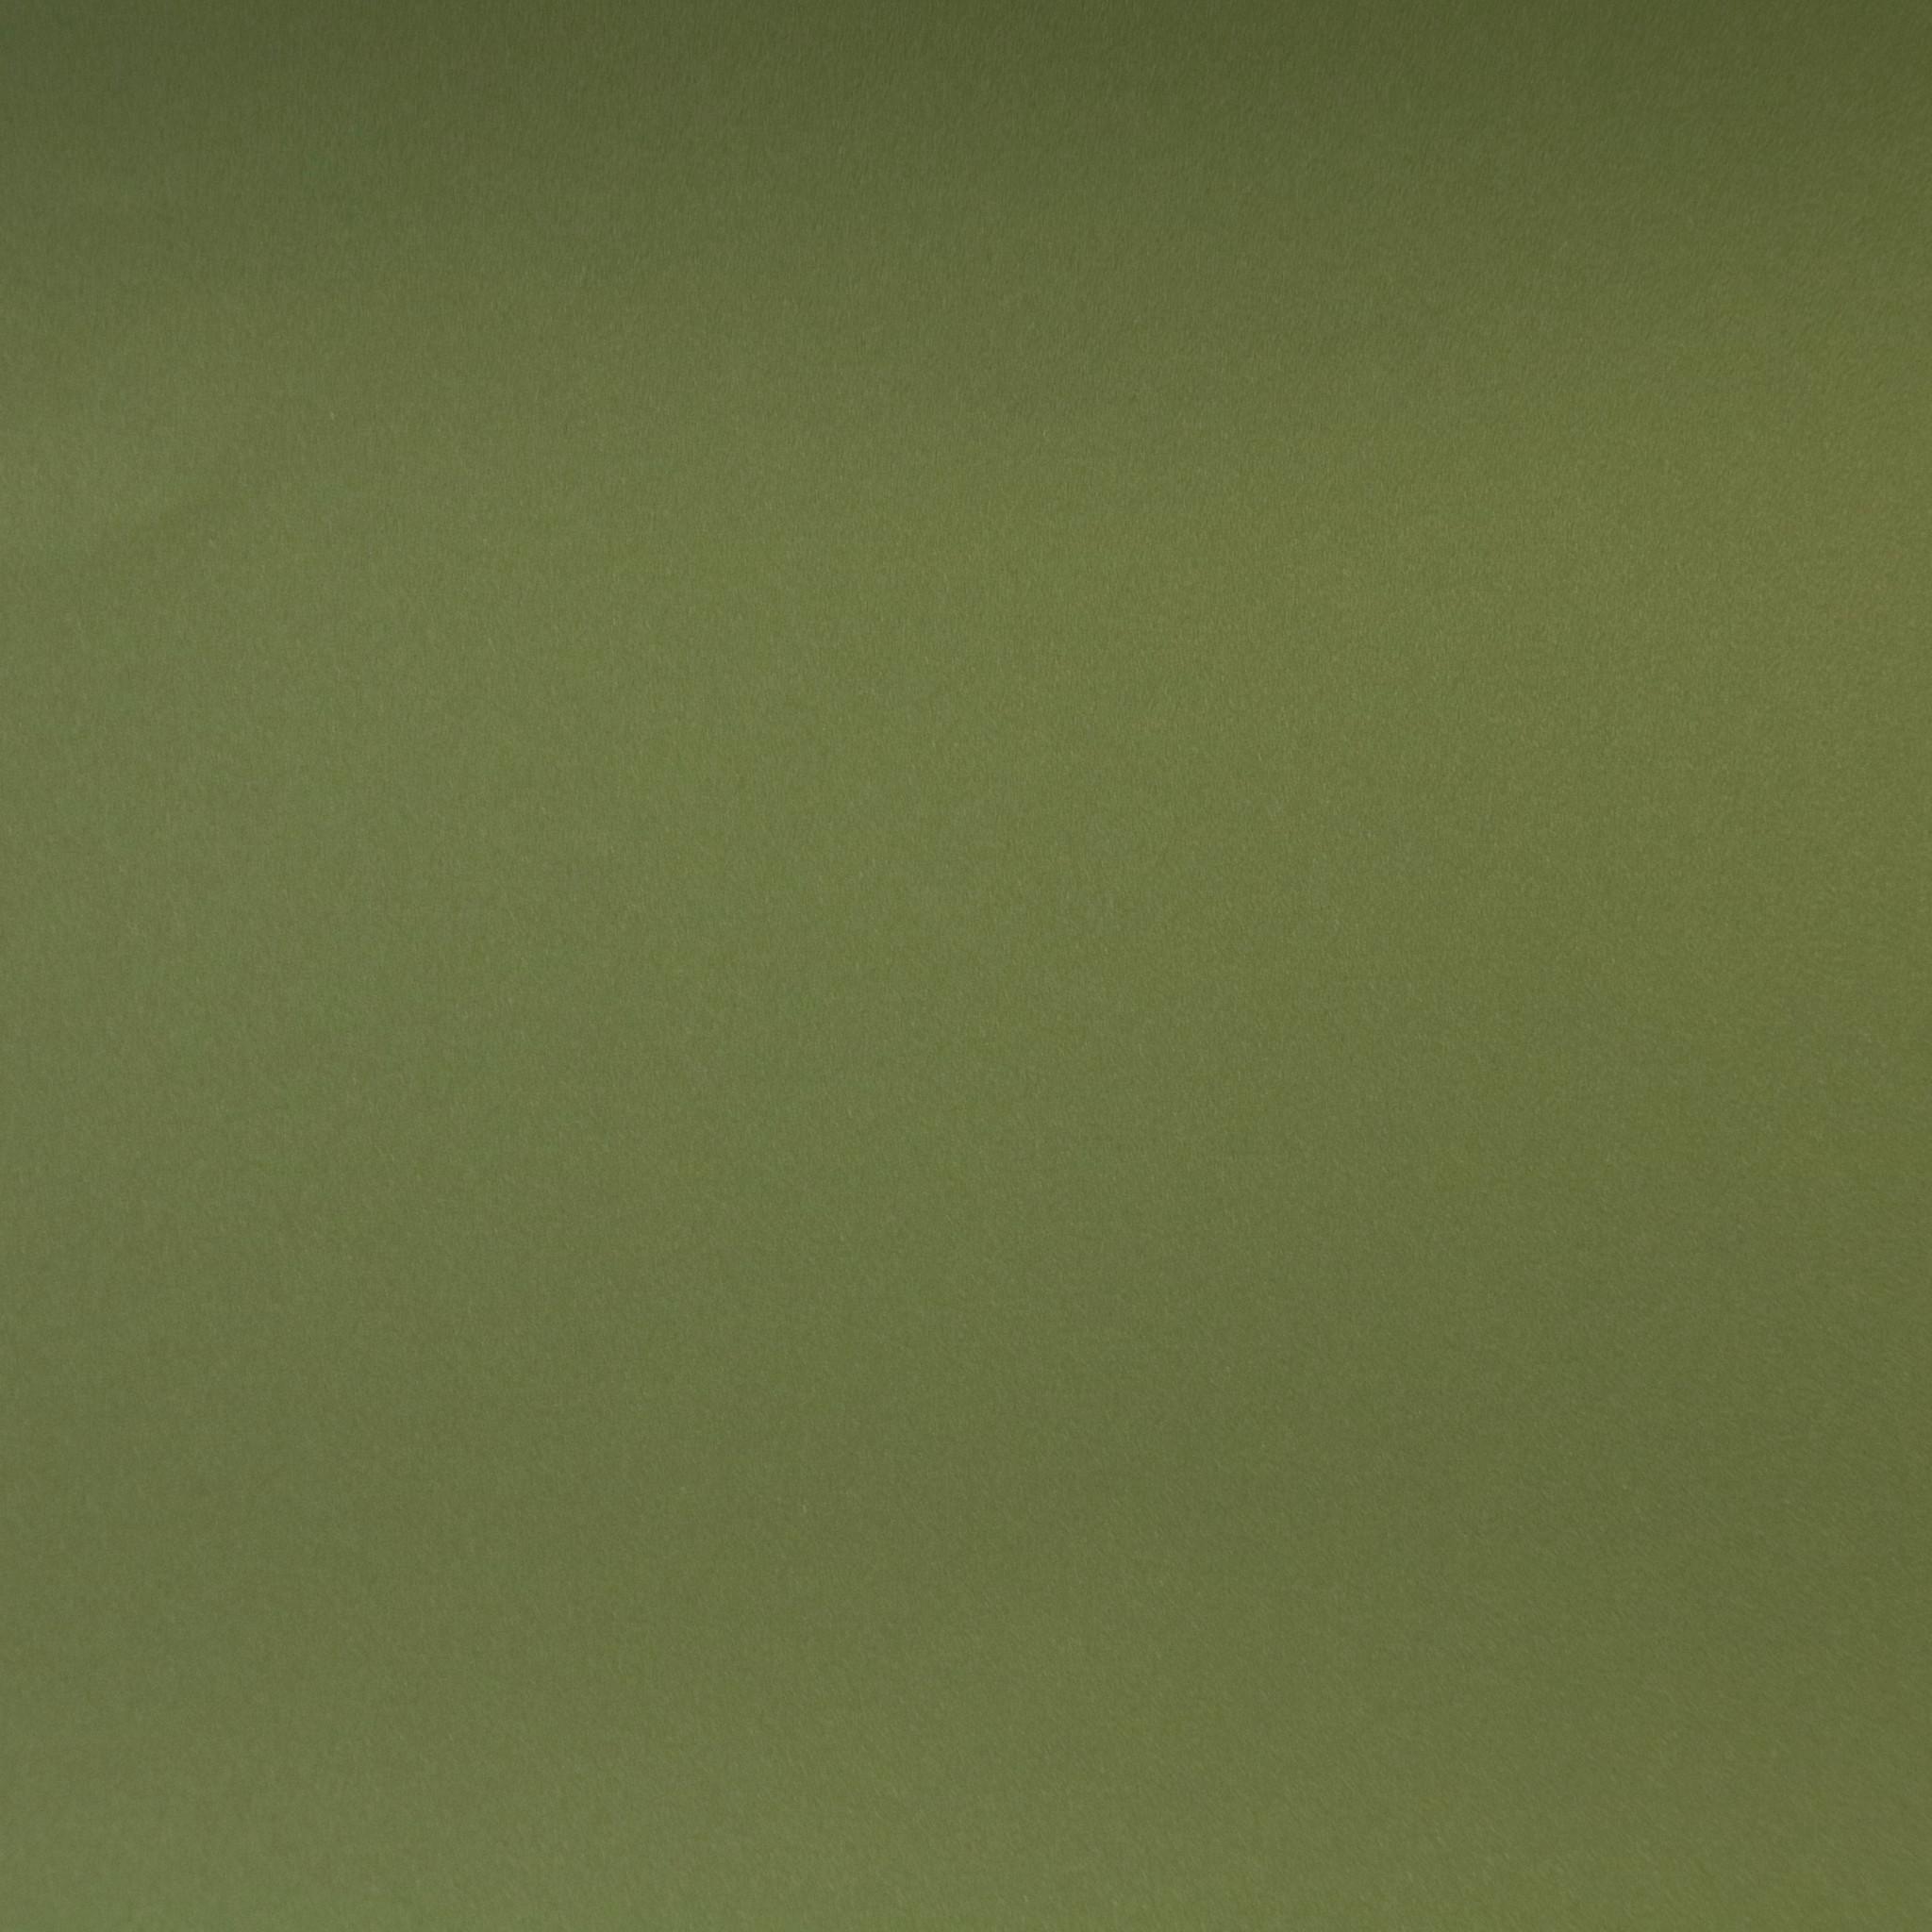 Película interior Military Green